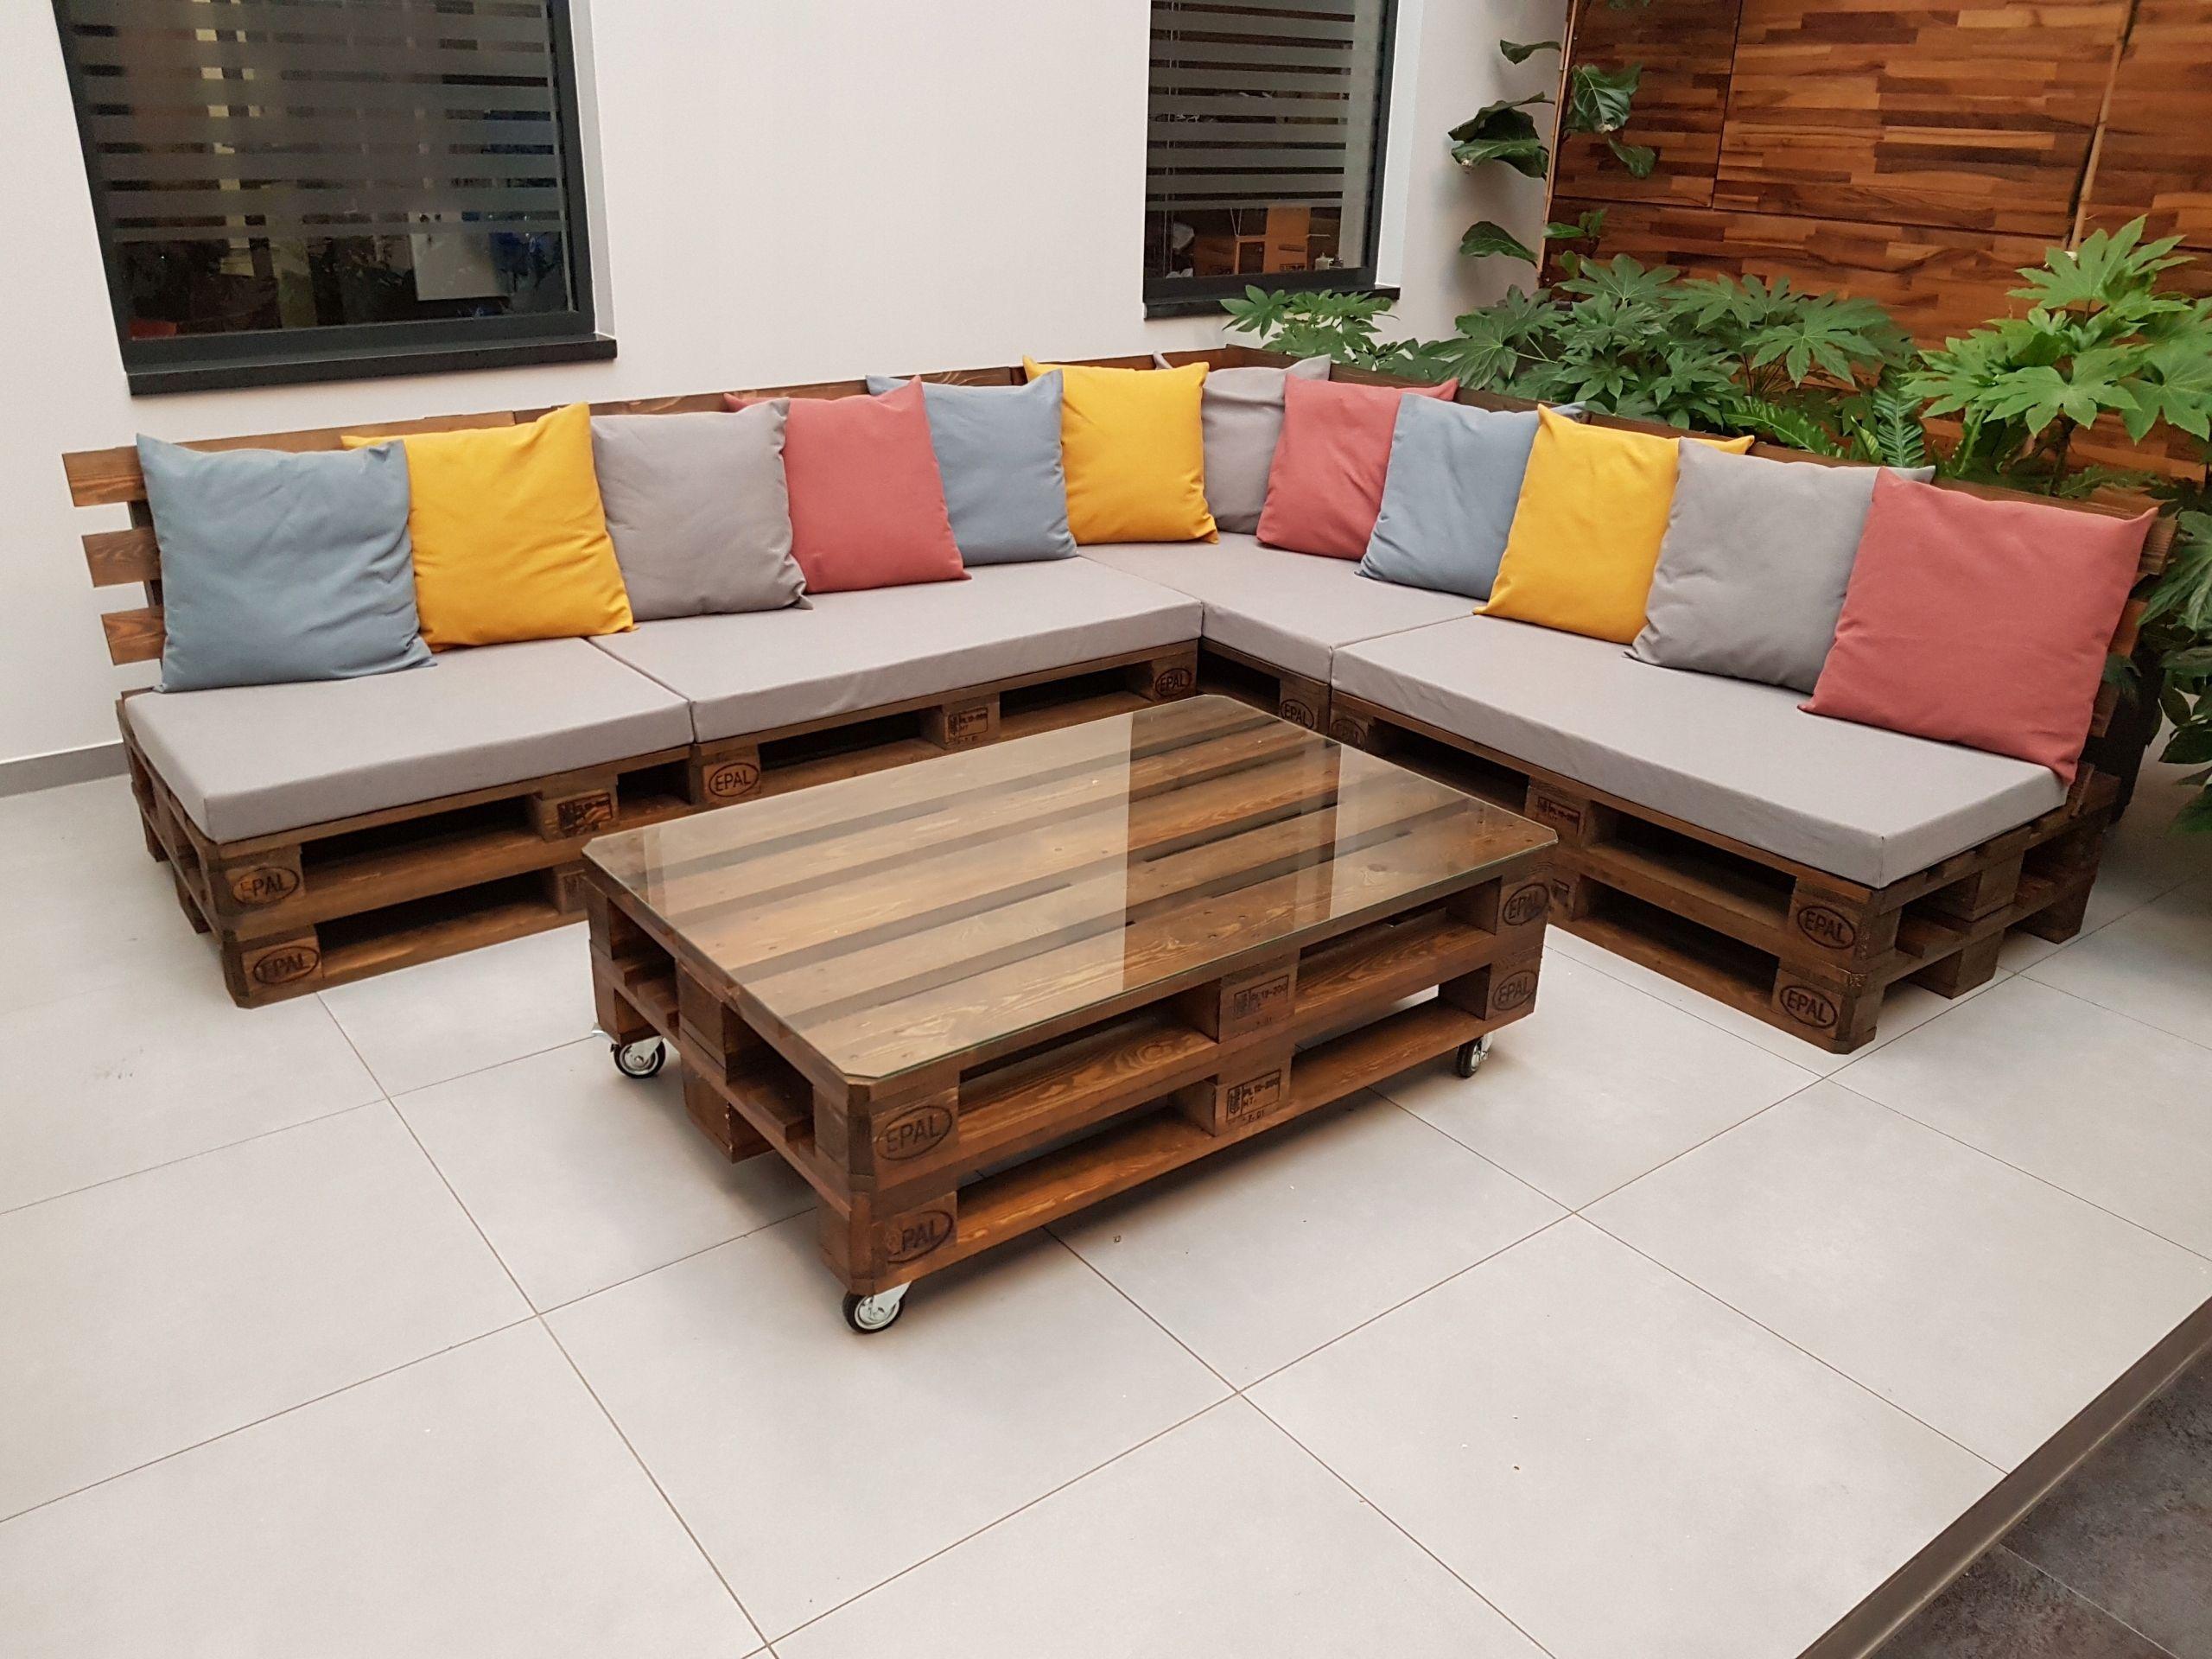 Kup Teraz Na Allegro Pl Za 450 00 Zl Meble Z Palet Zaaranzuj Swoj Kat Profesjonalnie 782712724 Outdoor Sectional Outdoor Furniture Outdoor Sectional Sofa